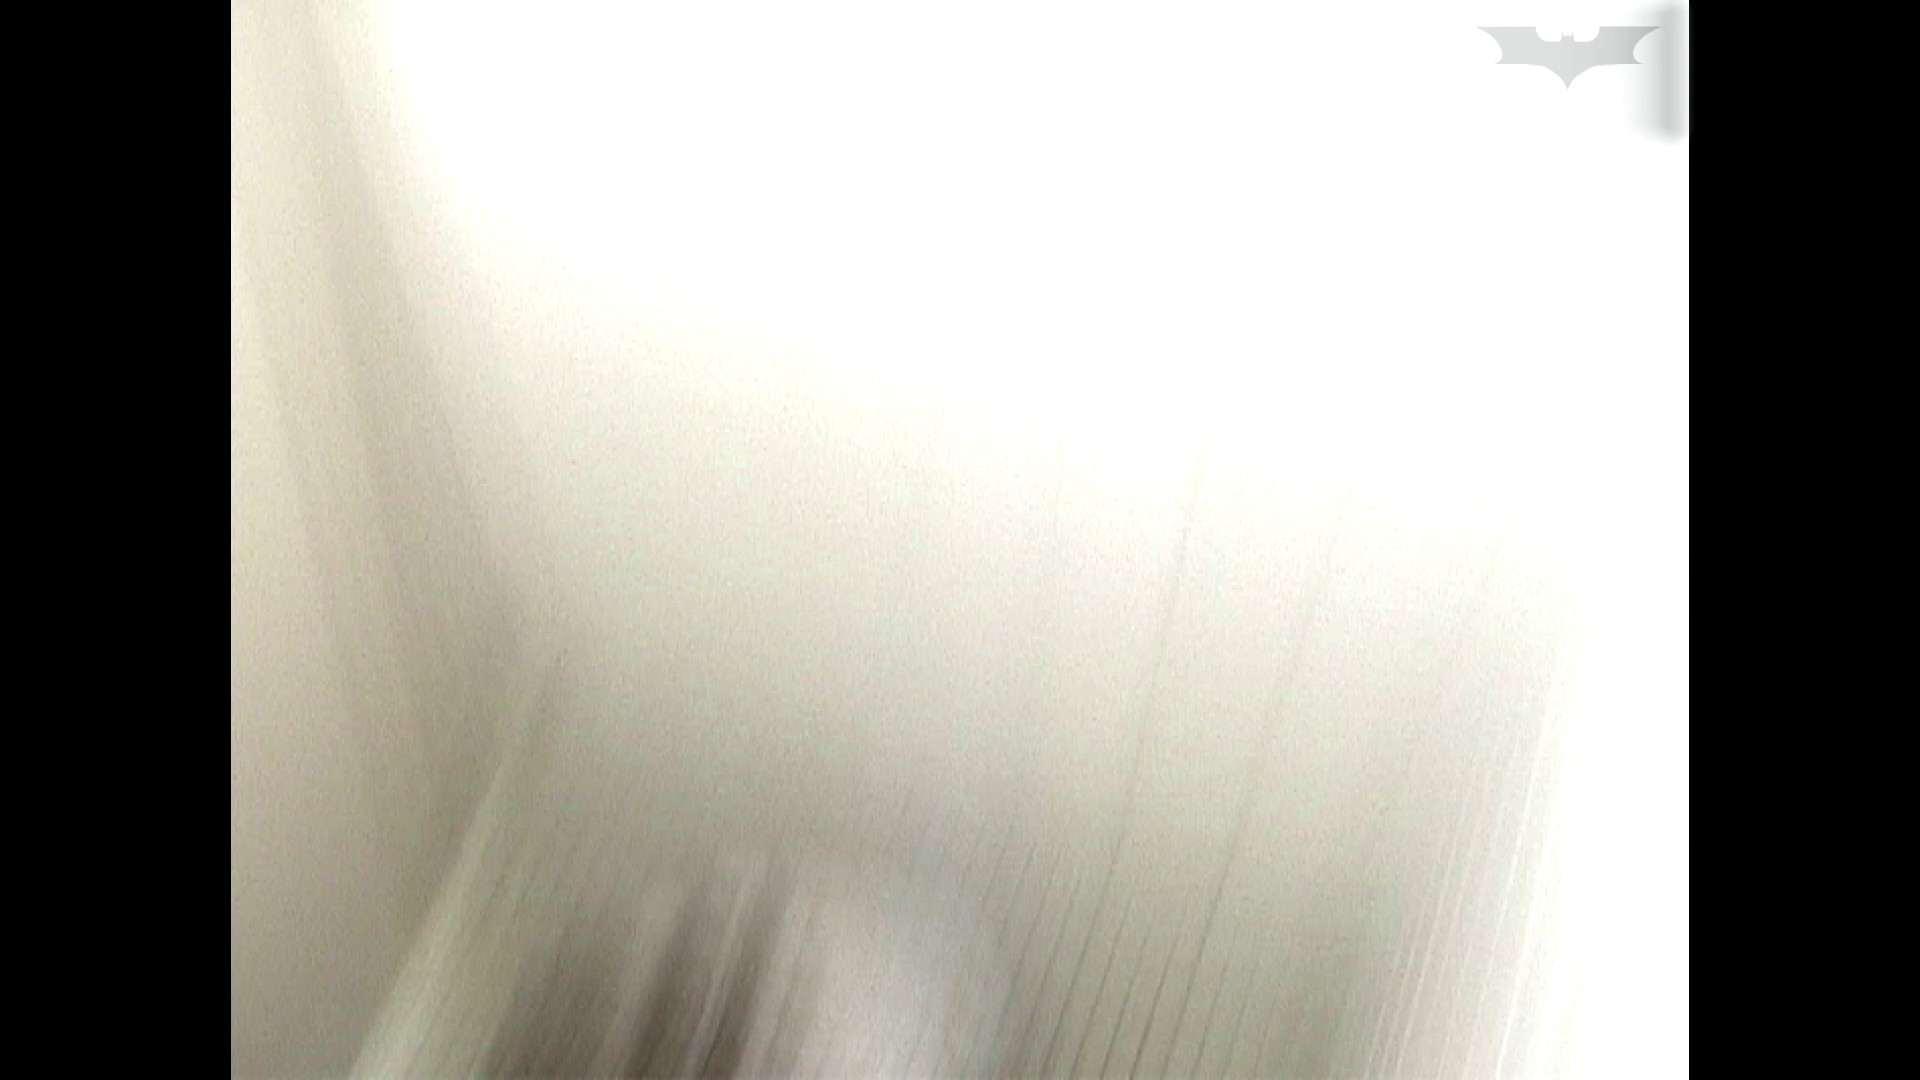 巨乳おまんこ:空爆特集!和式フロントツル4名期間限定神キタ!ツルピカの放nyo!Vol.09:怪盗ジョーカー